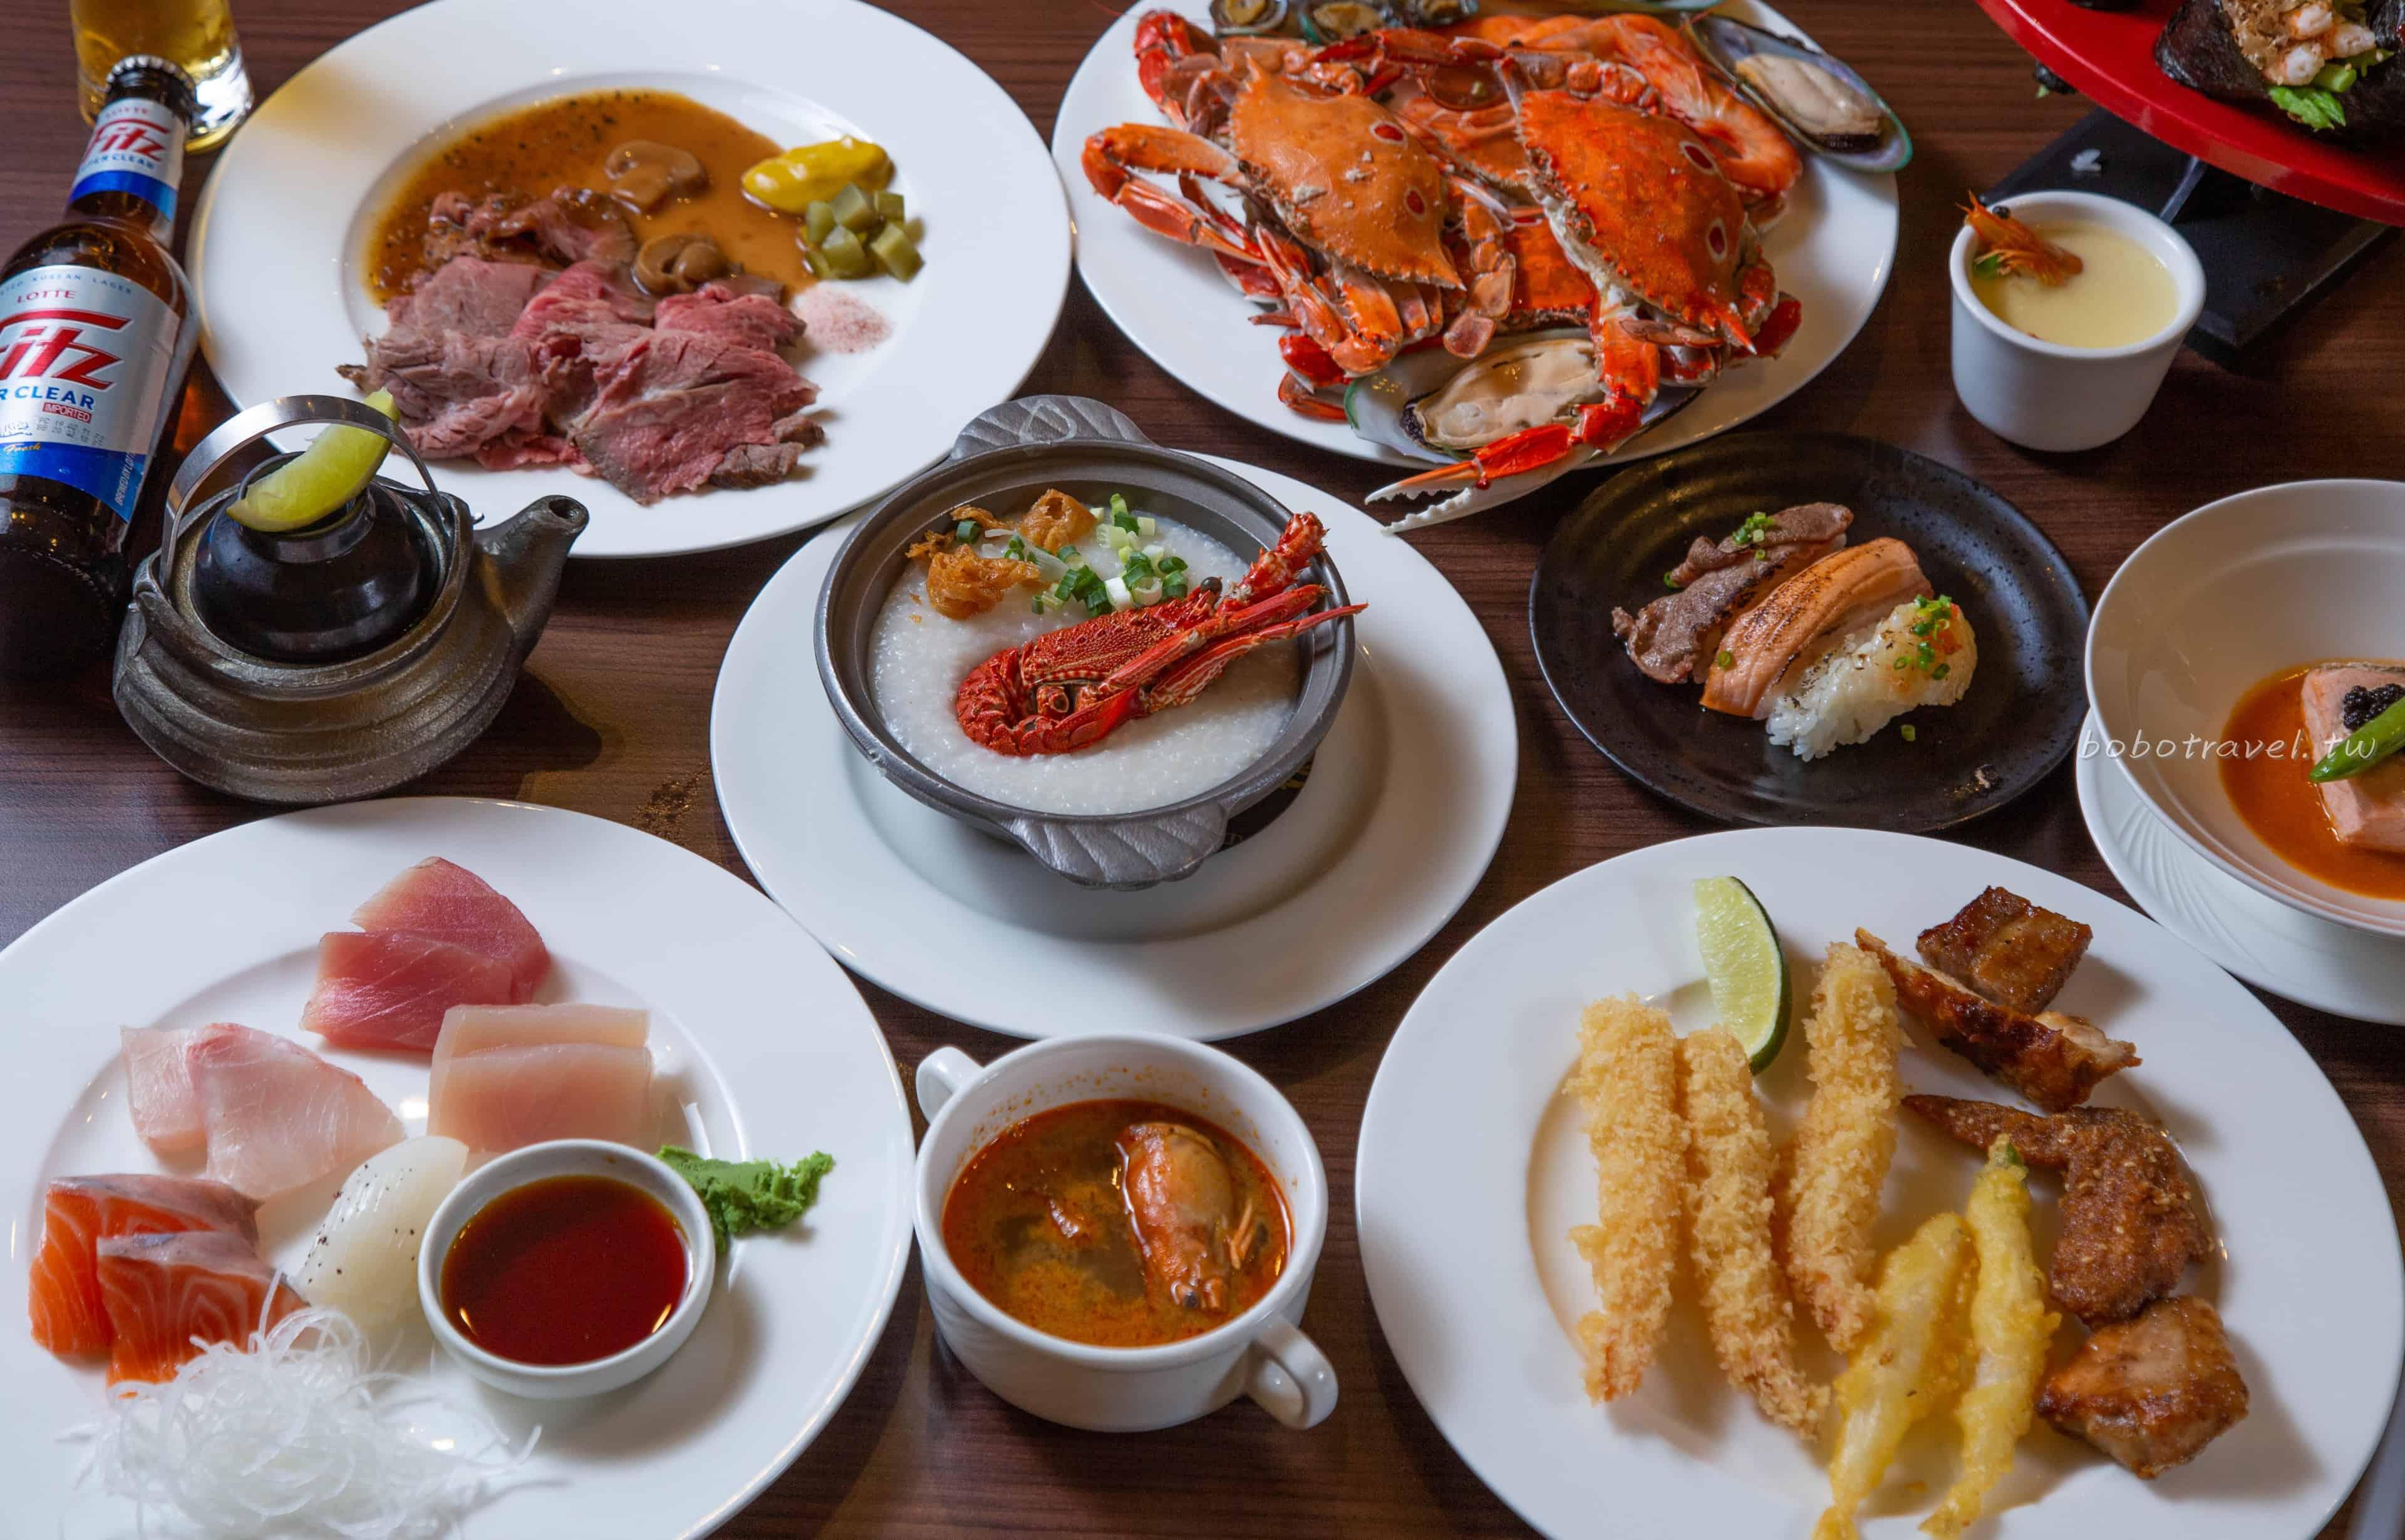 台北buffet、新莊天賜百匯自助餐|海鮮、燒烤、龍蝦粥、炙燒握壽司不限時吃到飽(天賜良緣大飯店)